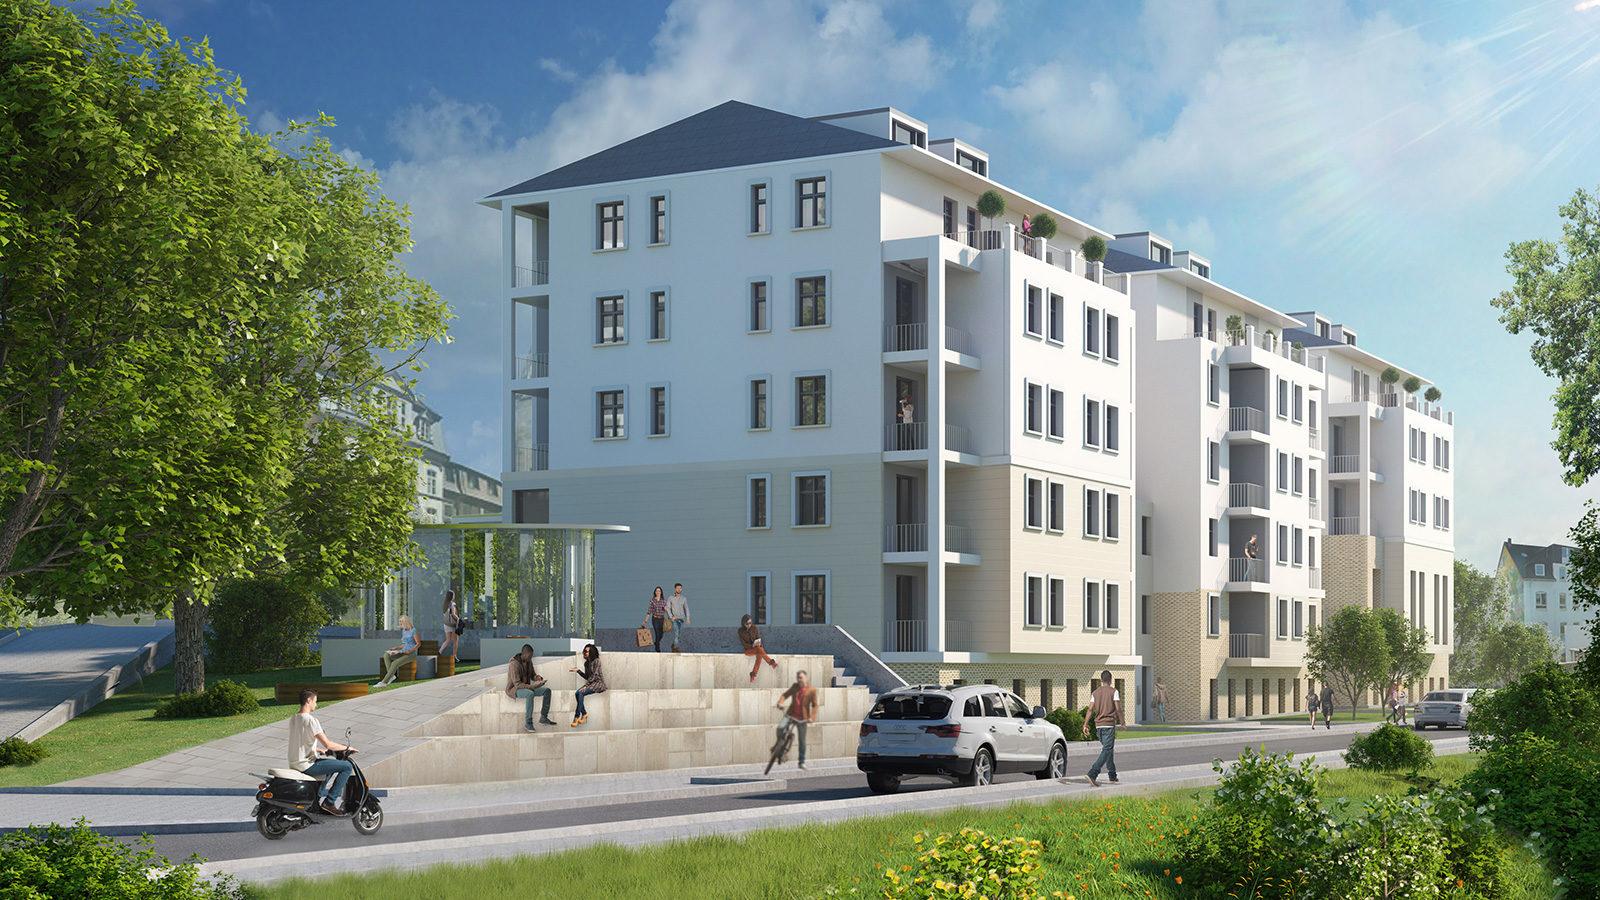 Kaiserhof - Architekturvisualisierung  Aussen